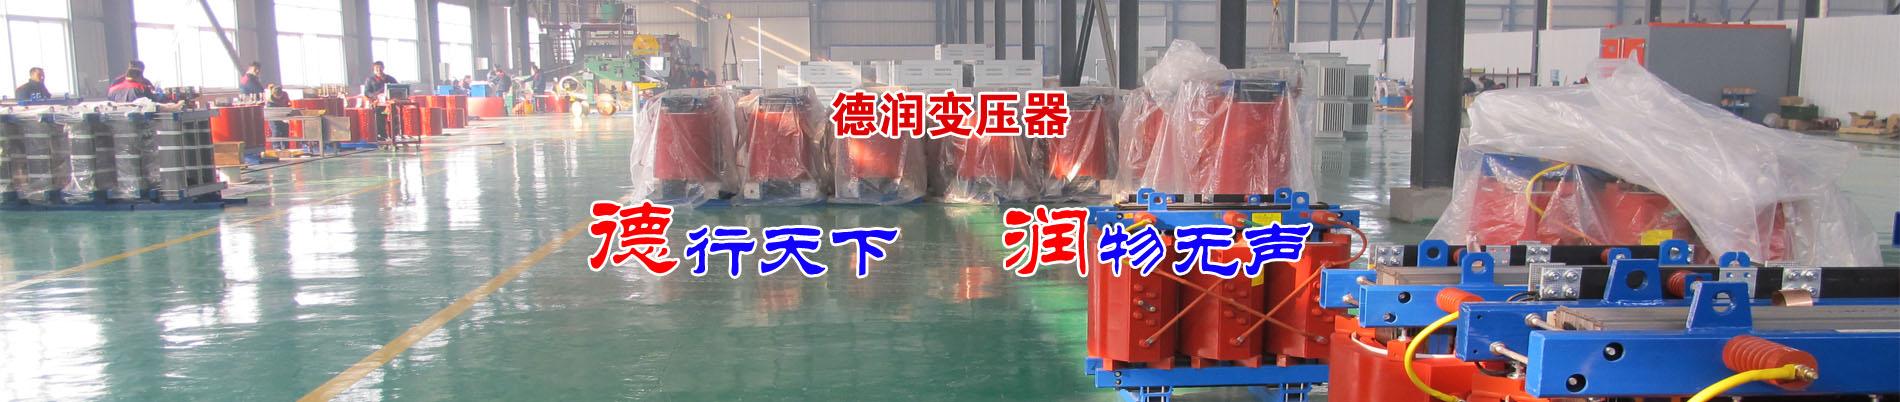 舟山干式变压器厂